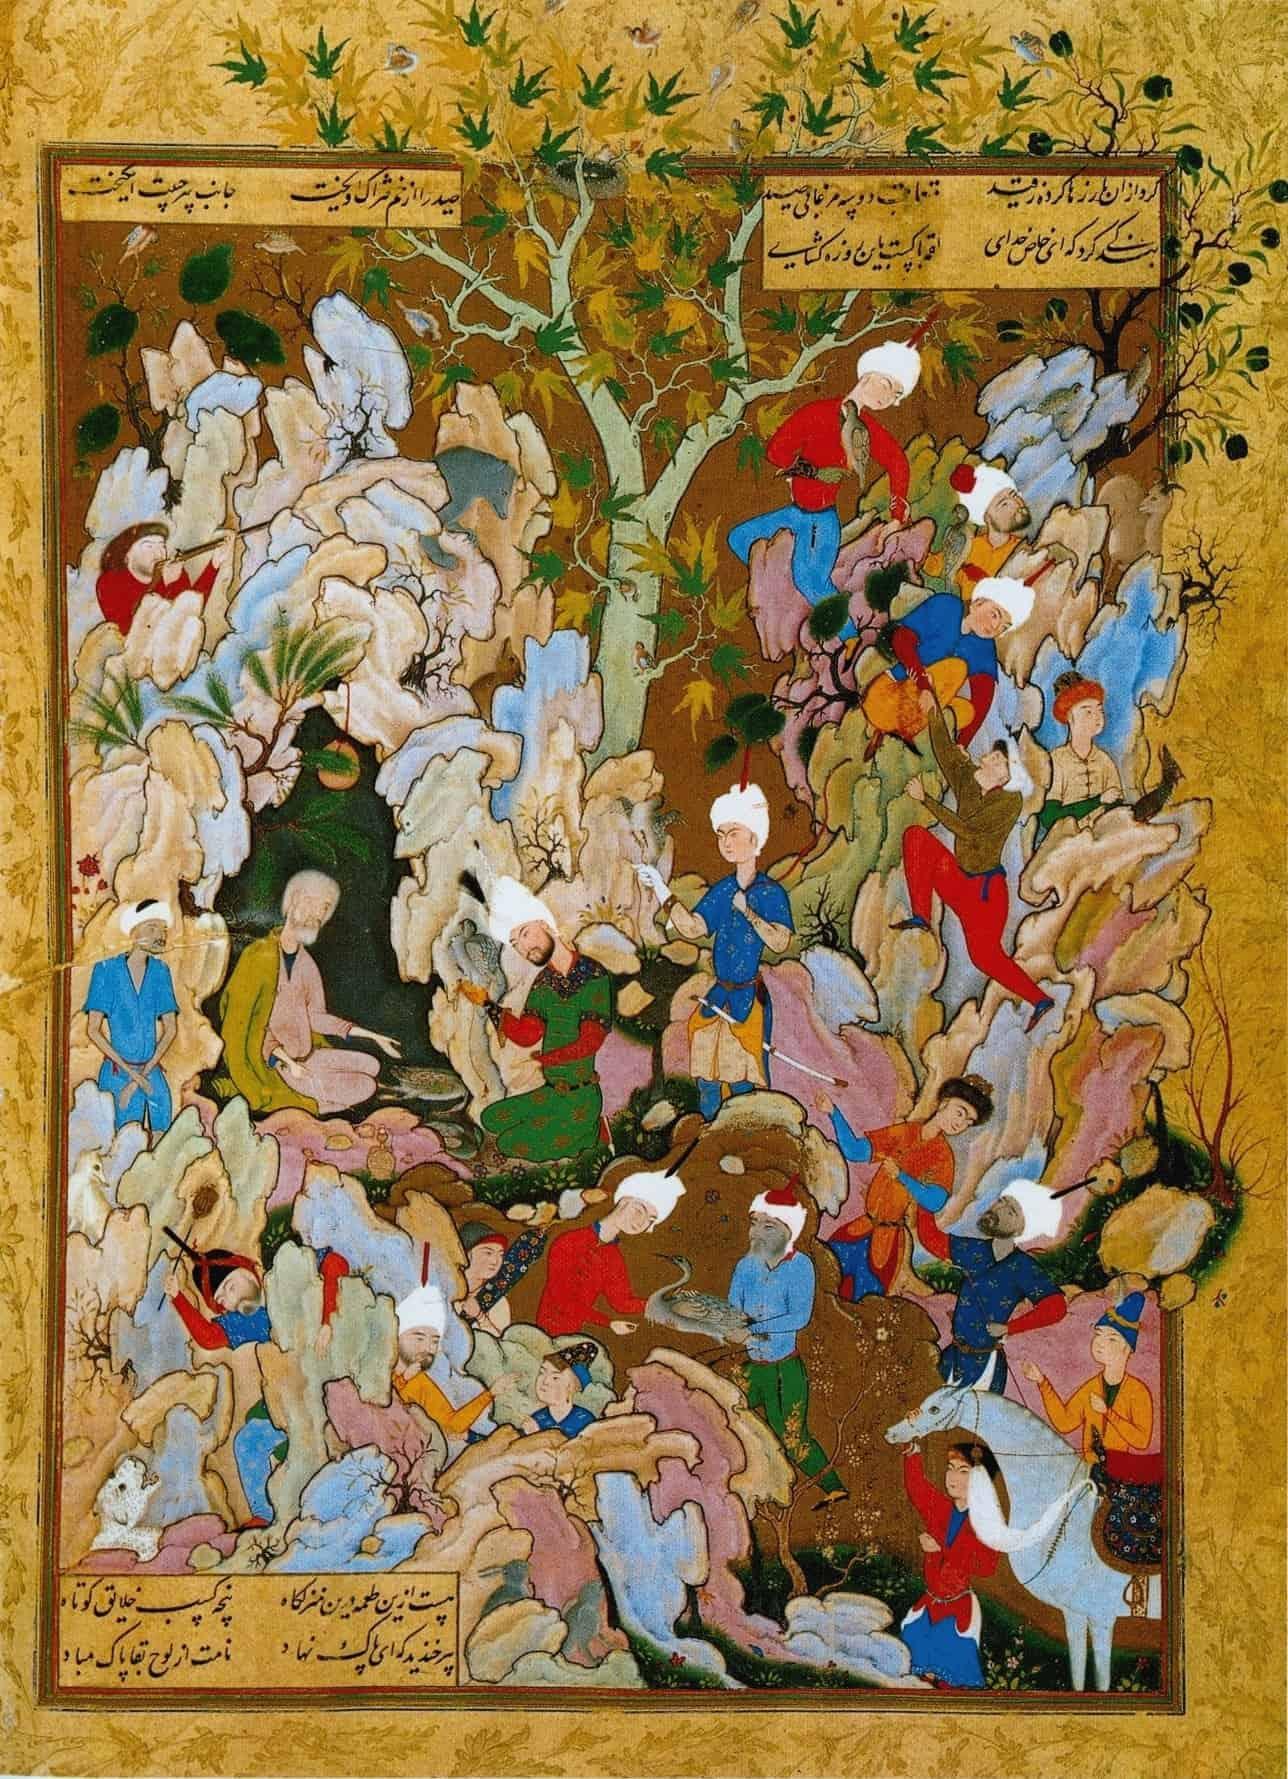 نسخه خطی شاهنامه بههمراه نقاشی ایرانی مینیاتور